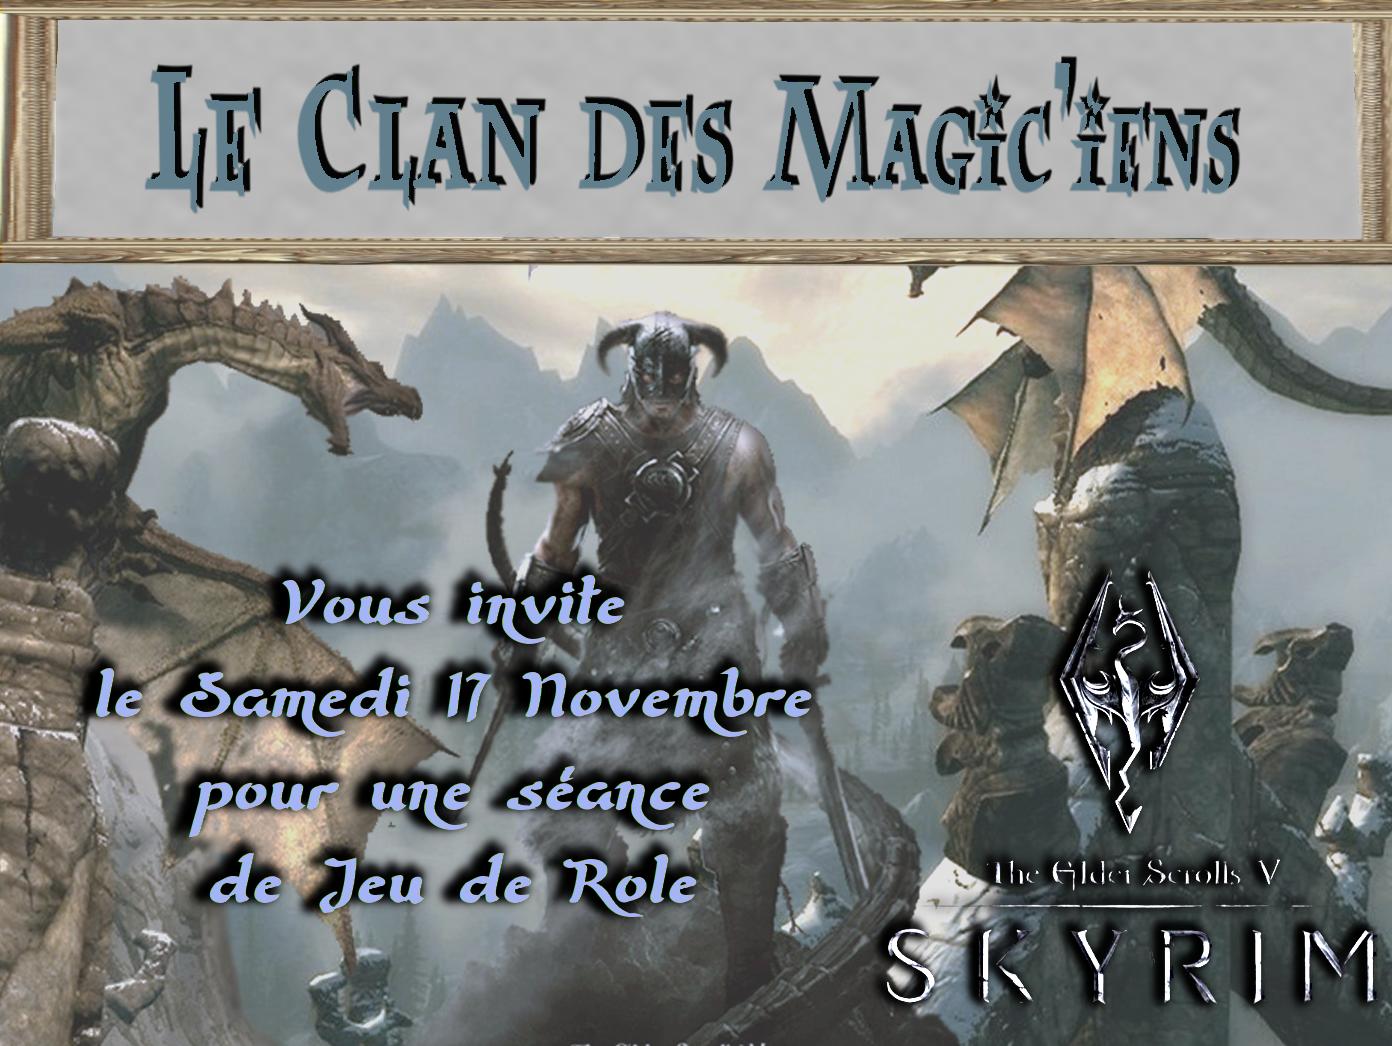 Samedi 17 Novembre : Jeu de rôle (Skyrim) à partir de 14h NaAjR